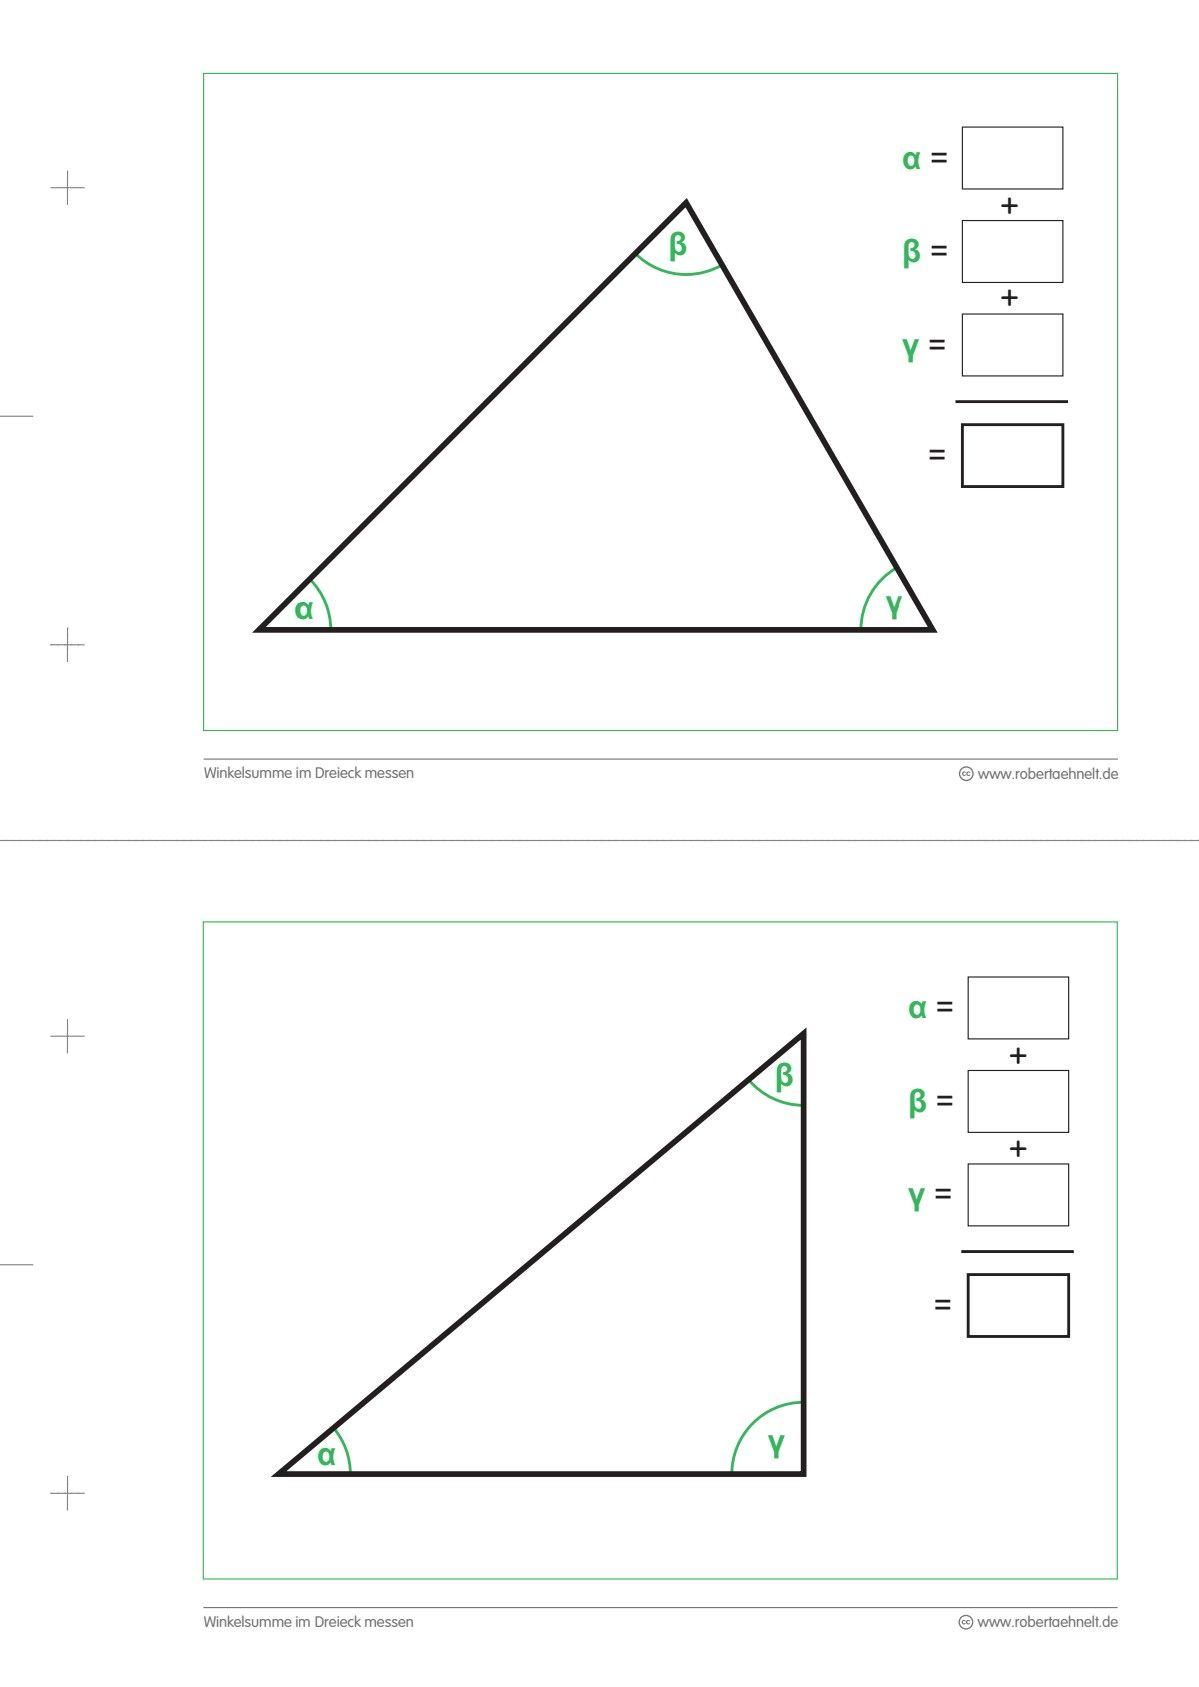 Geometrie Arbeitsblatt A20 lang   Dreieck Winkelsumme   Mathe ...